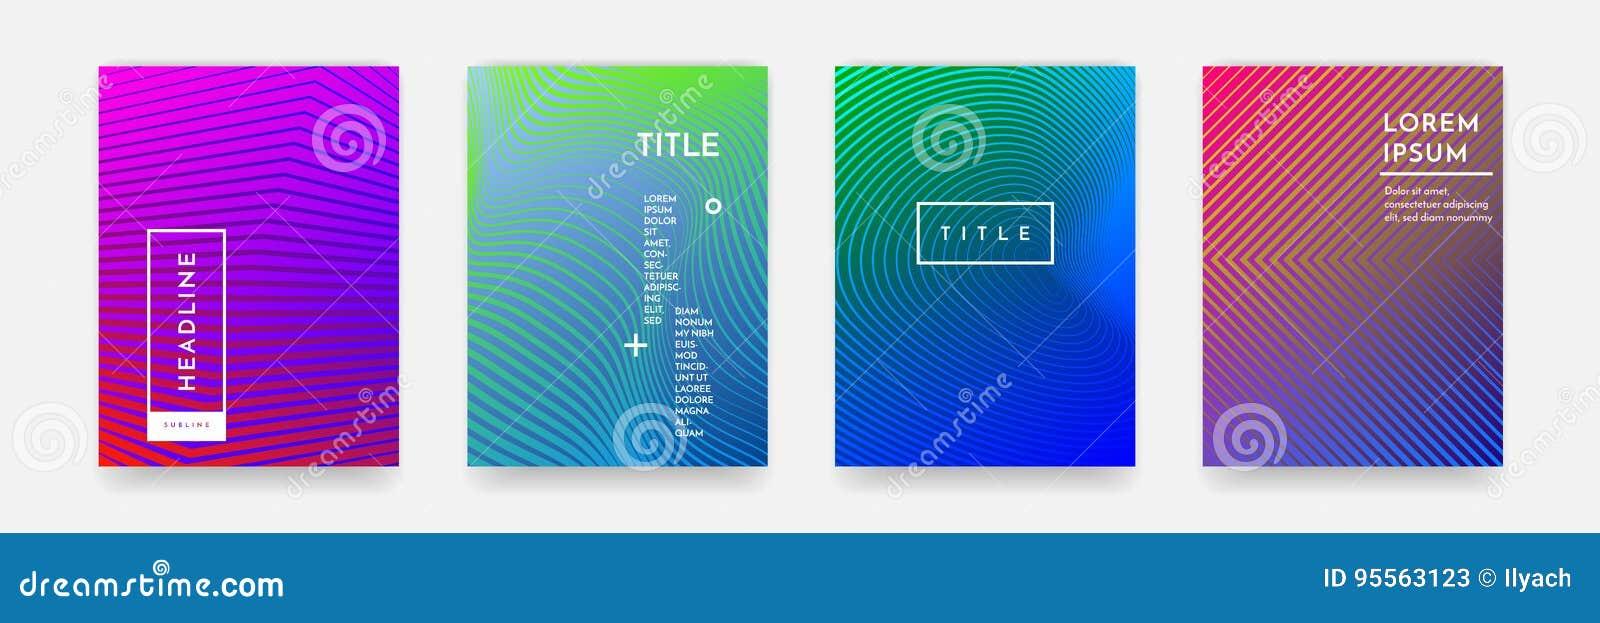 Textura abstracta del modelo del color de la pendiente para el sistema del vector de la plantilla de la cubierta de libro